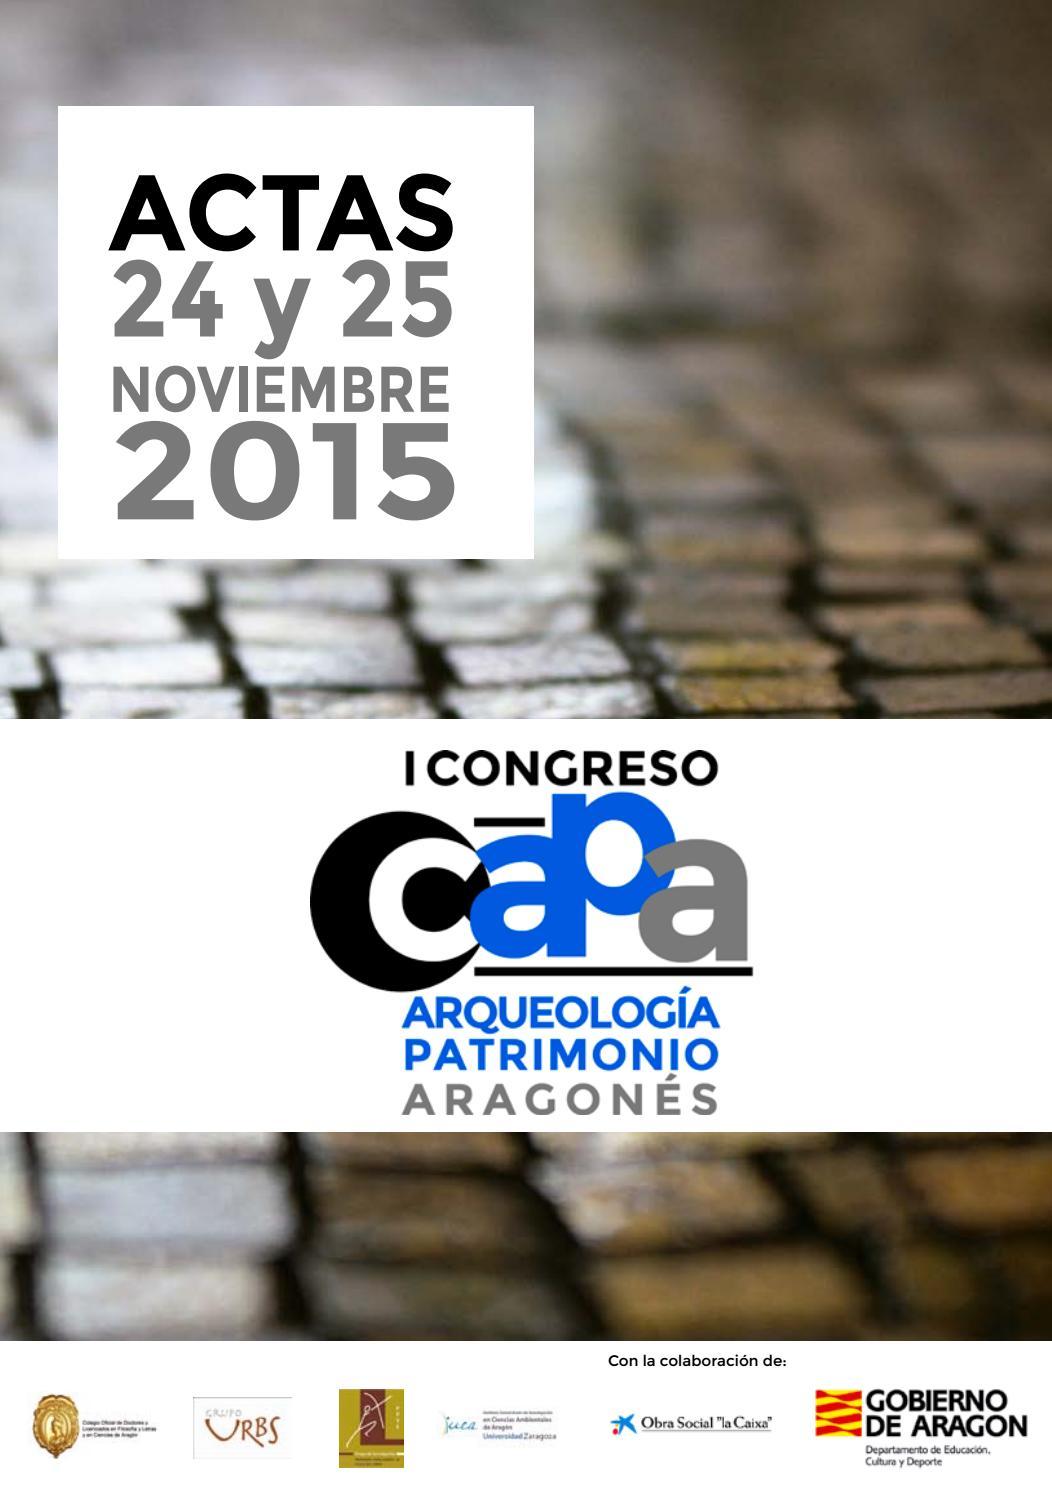 I I Actas 3Arqueología CapaSesión Medieval Actas I Medieval Actas 3Arqueología CapaSesión 2EDWHI9